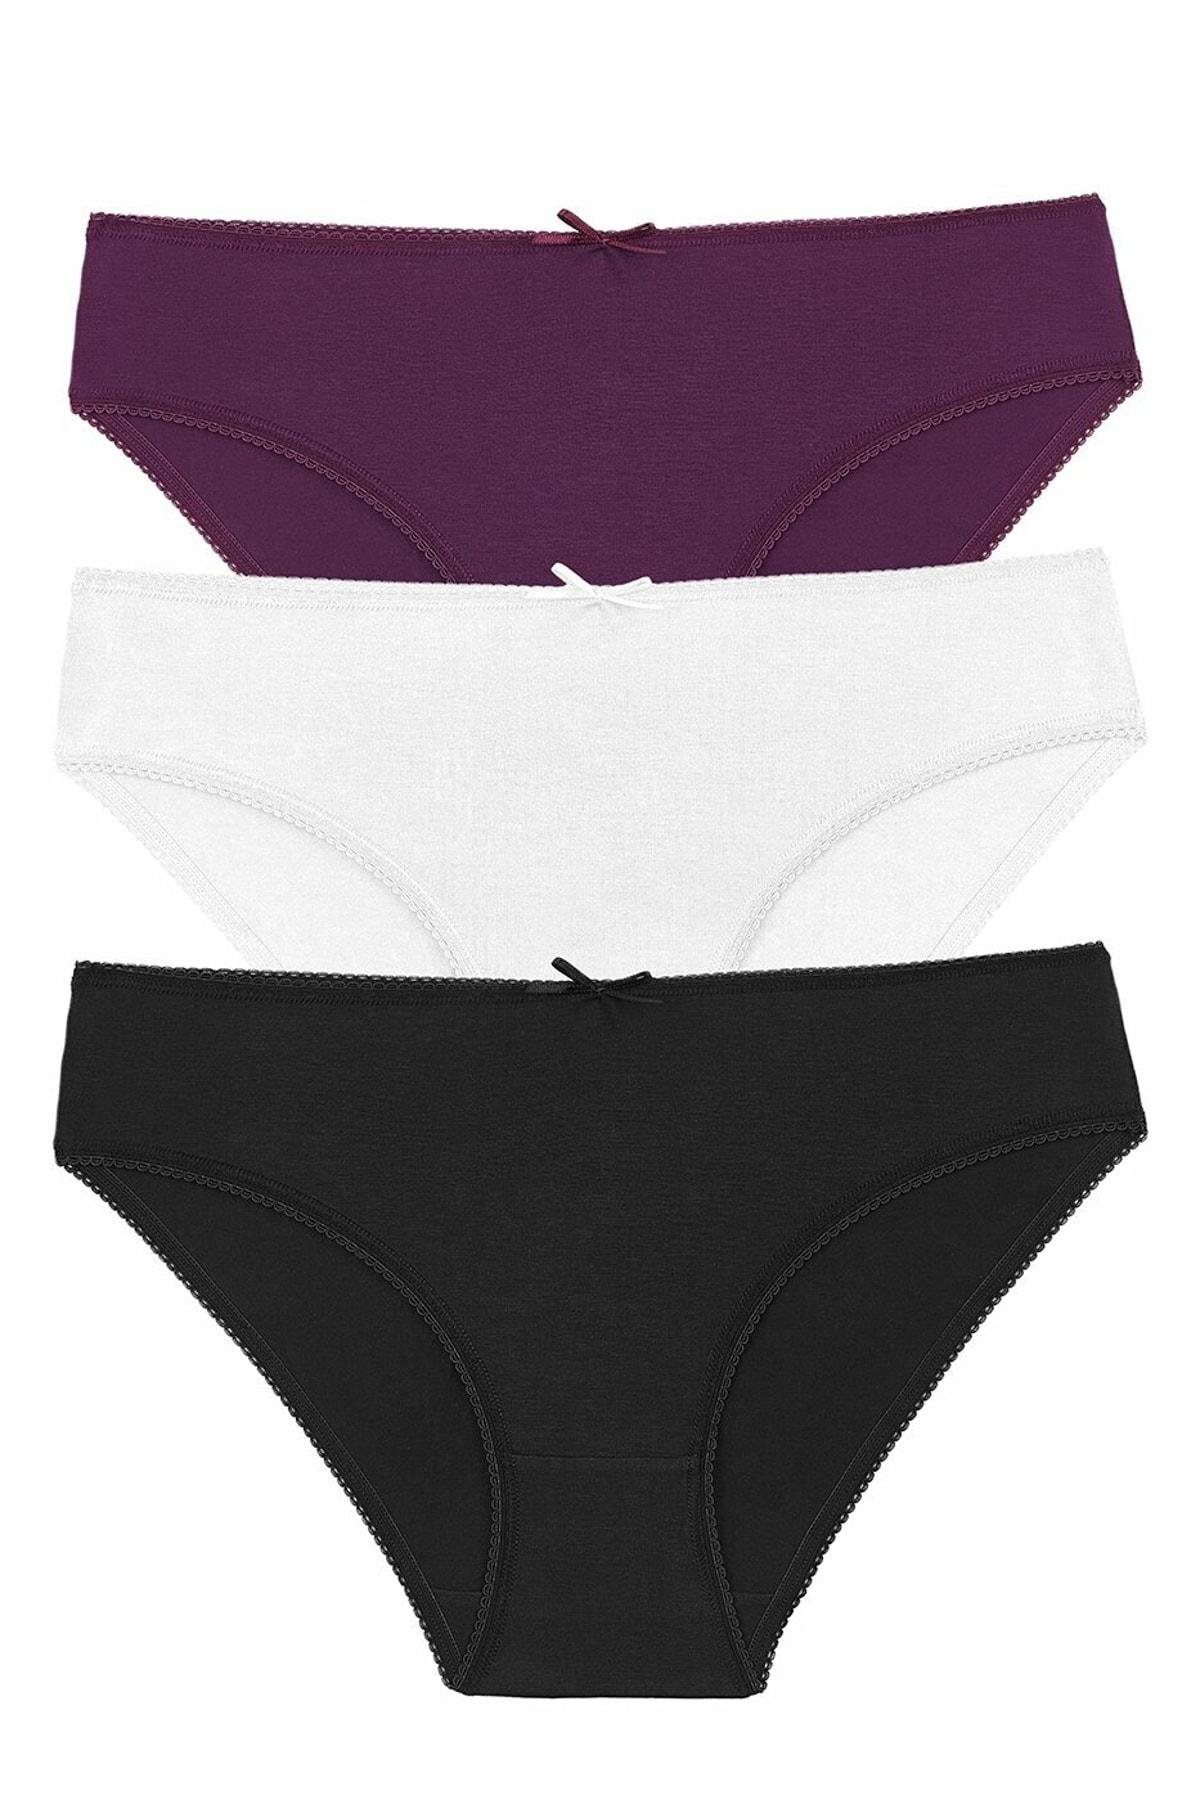 SUWEN Kadın Blck/Ecr/Purple 3 Lü Renkli Külot 1